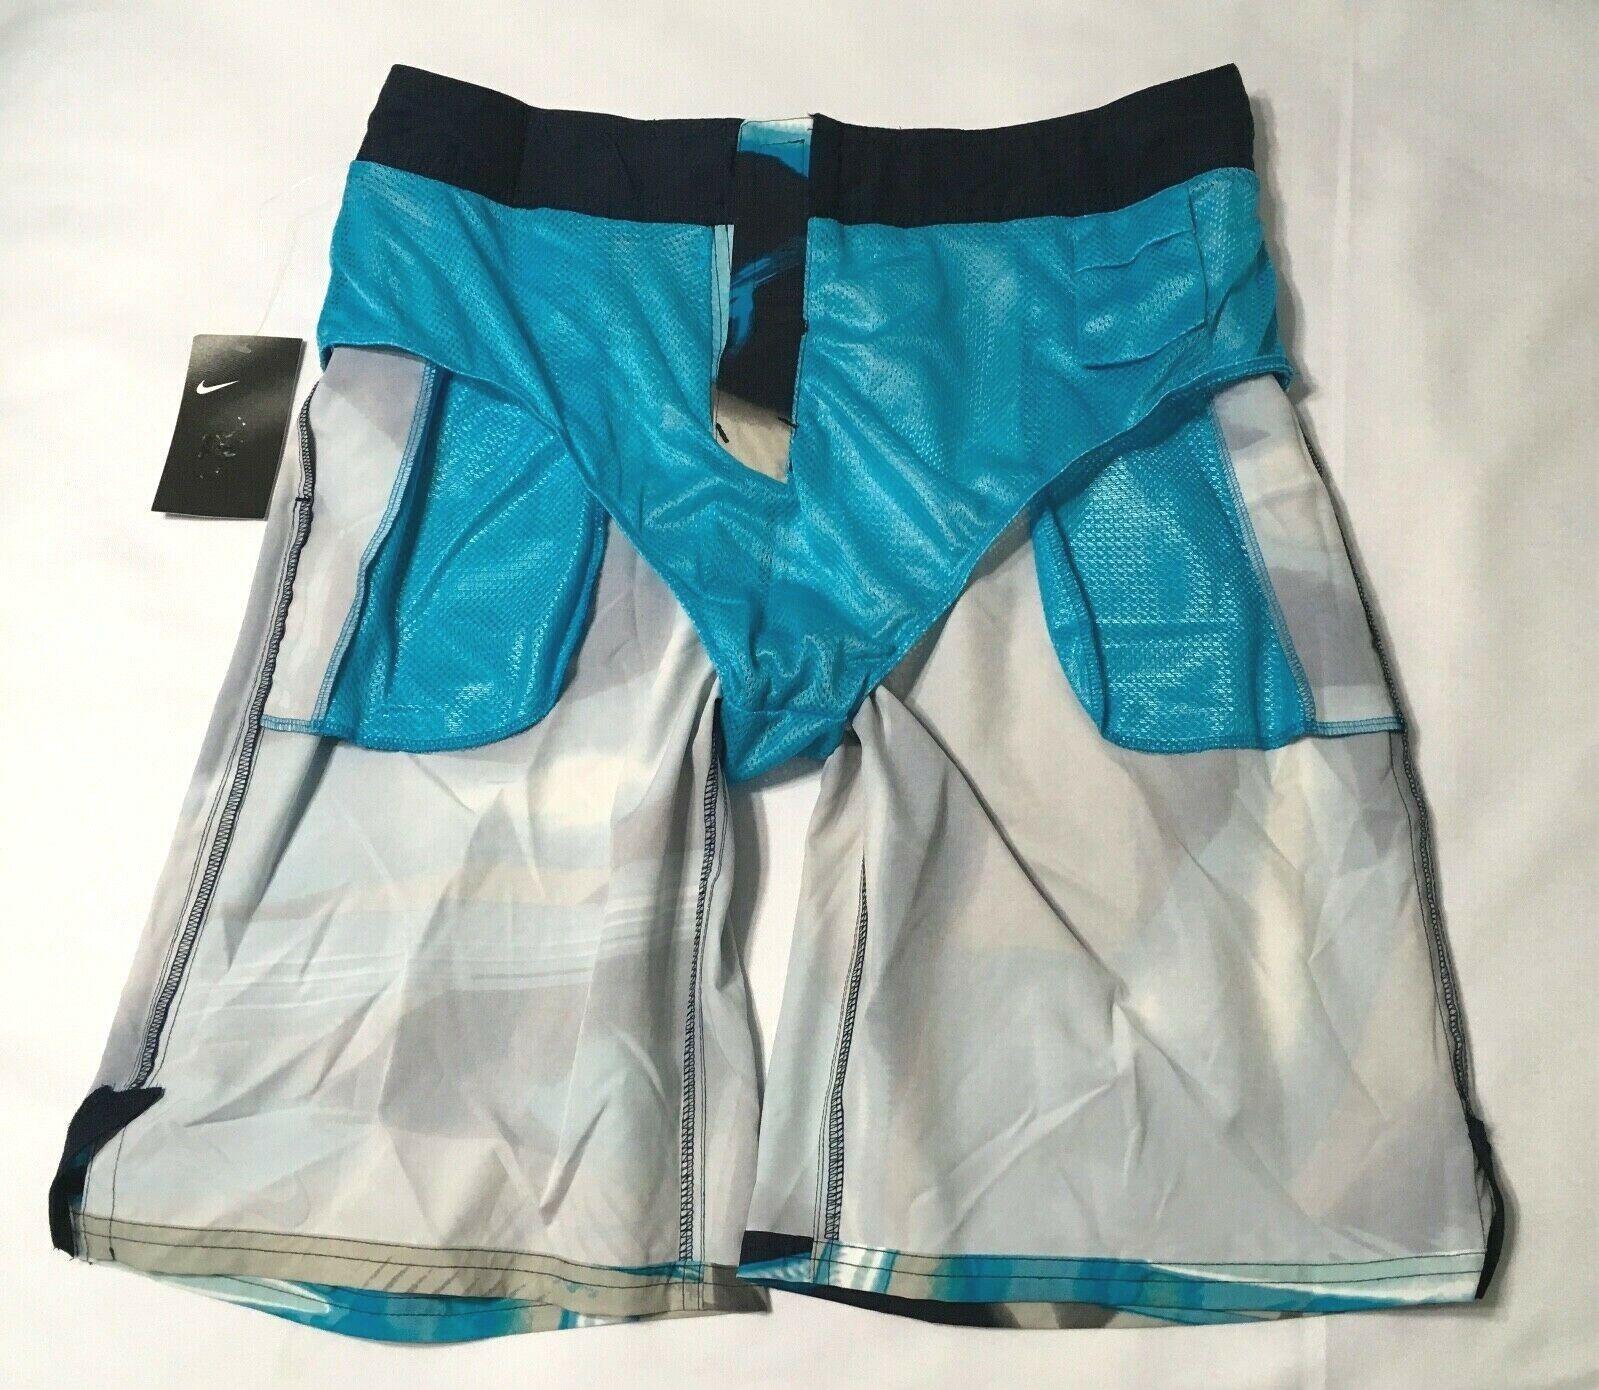 NWT Nike Men/'s Swim Shorts Tye Dye 717384 Size 4xl $66 8770-430